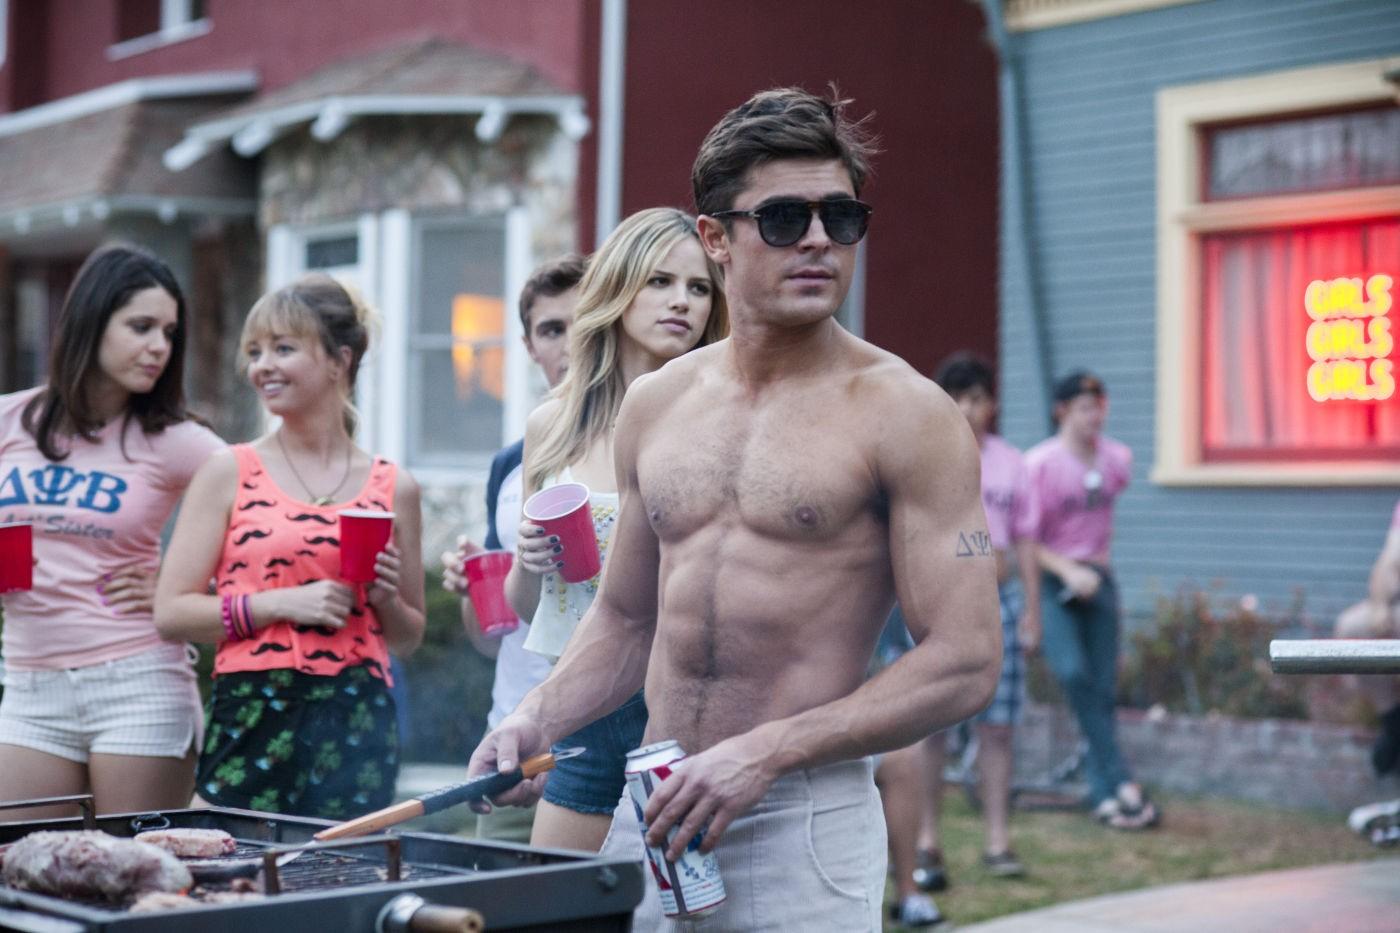 Neighbors (2014) Zac Efron